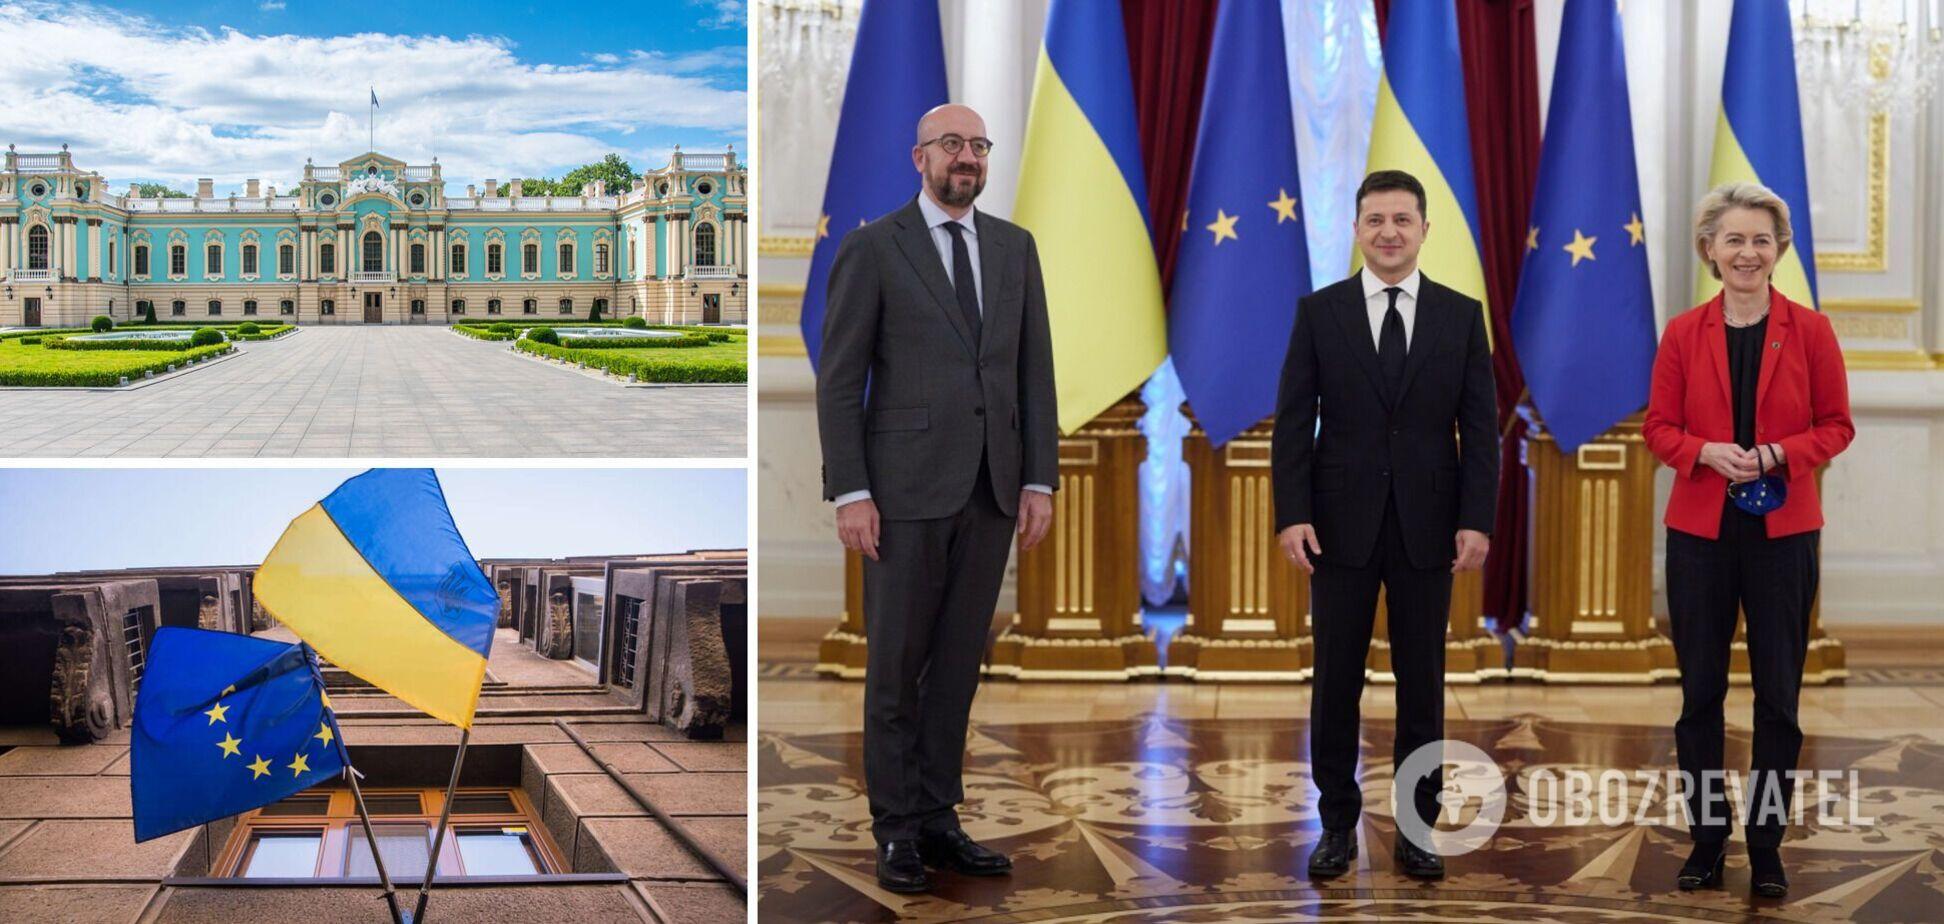 'Открытое небо', борьба с олигархами и противодействие РФ: главные итоги саммита Украина – ЕС в Киеве